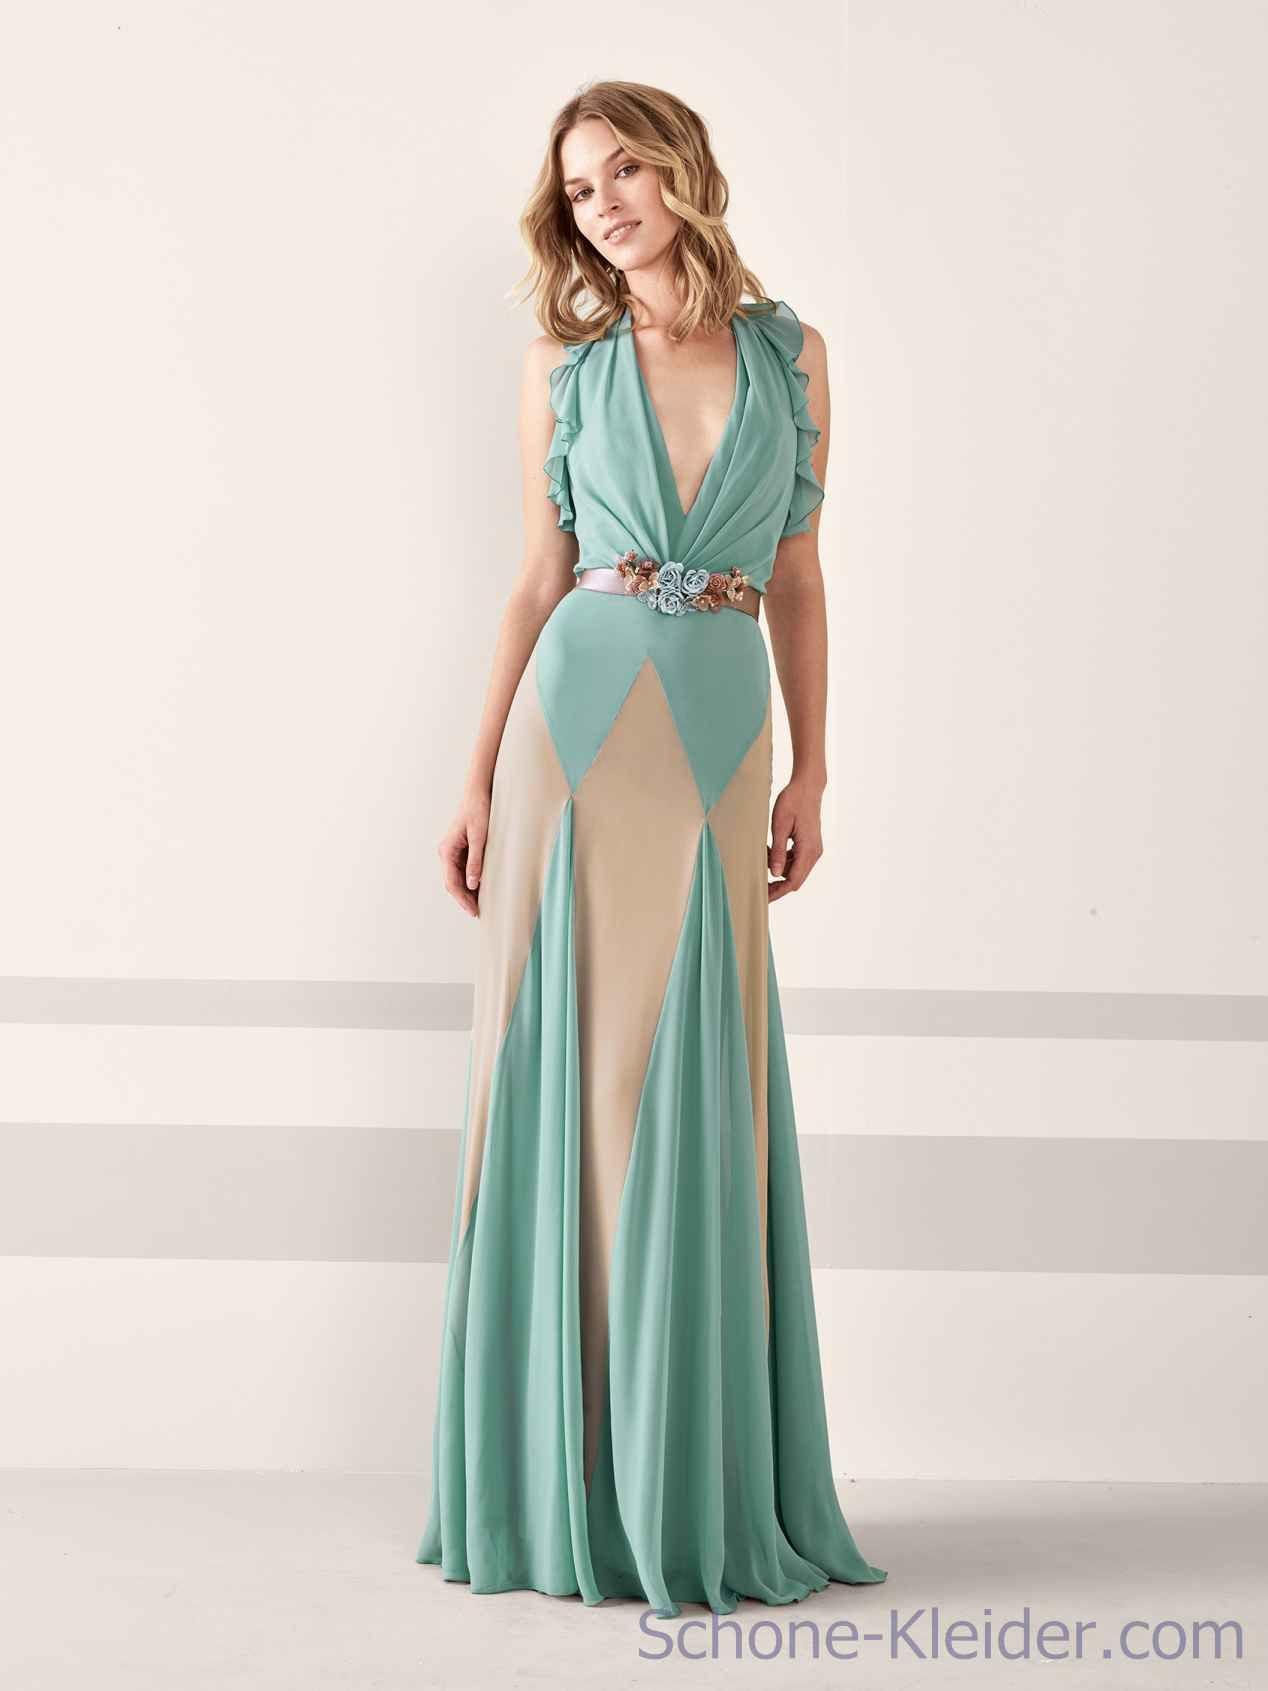 15 Fantastisch Abendkleider Trend 2019 Spezialgebiet Top Abendkleider Trend 2019 Bester Preis